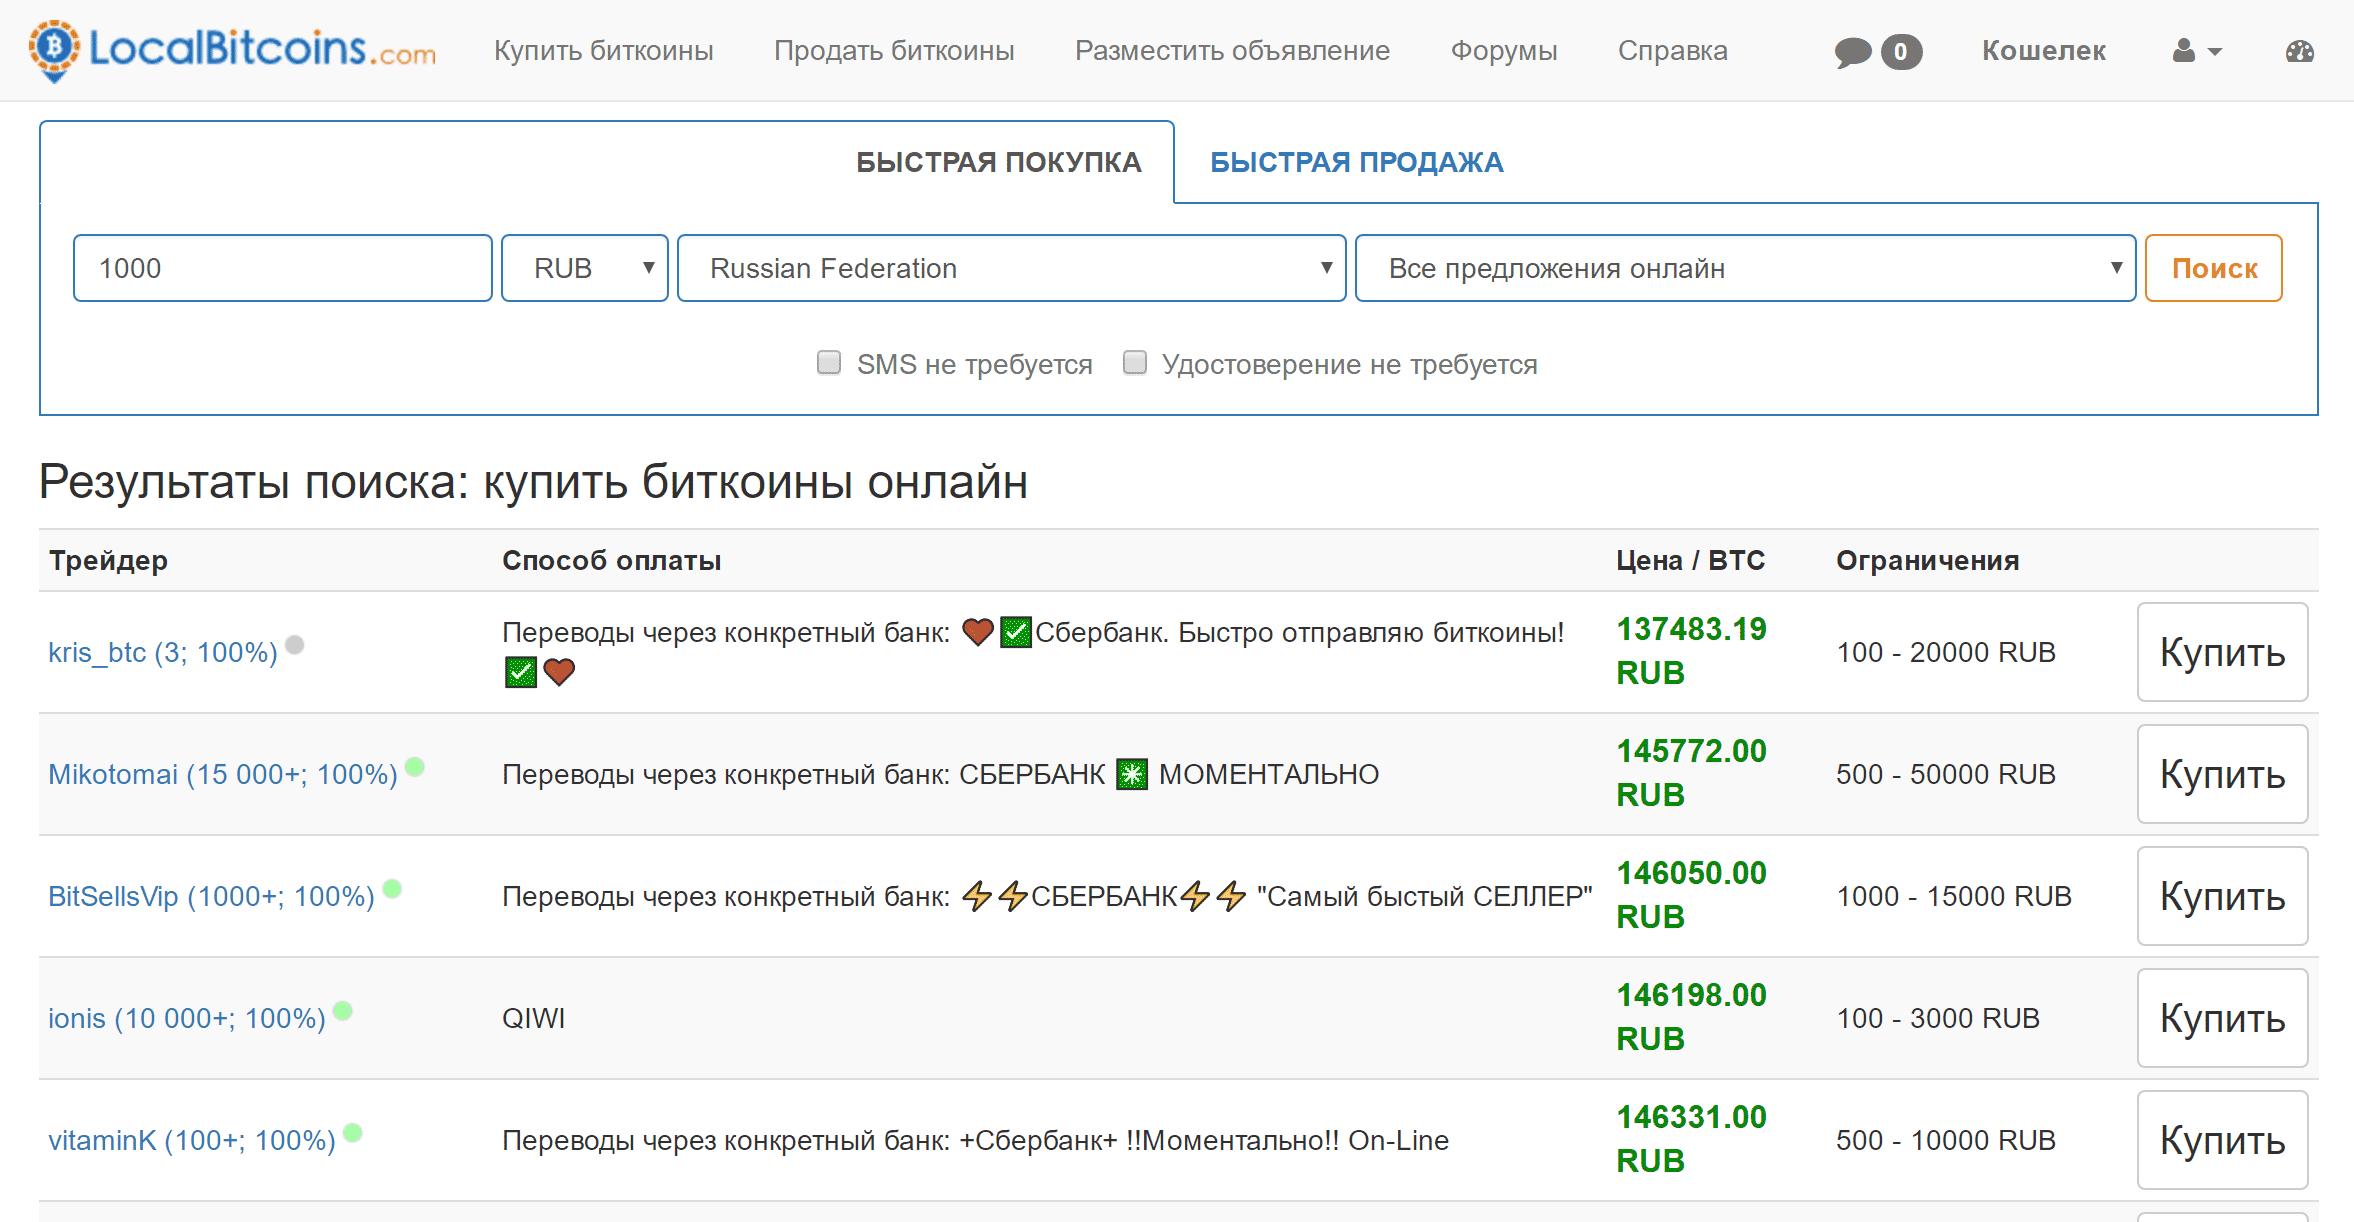 hogyan lehet bitcoinokat keresni a számítógépen f kövesse a bináris opciókat